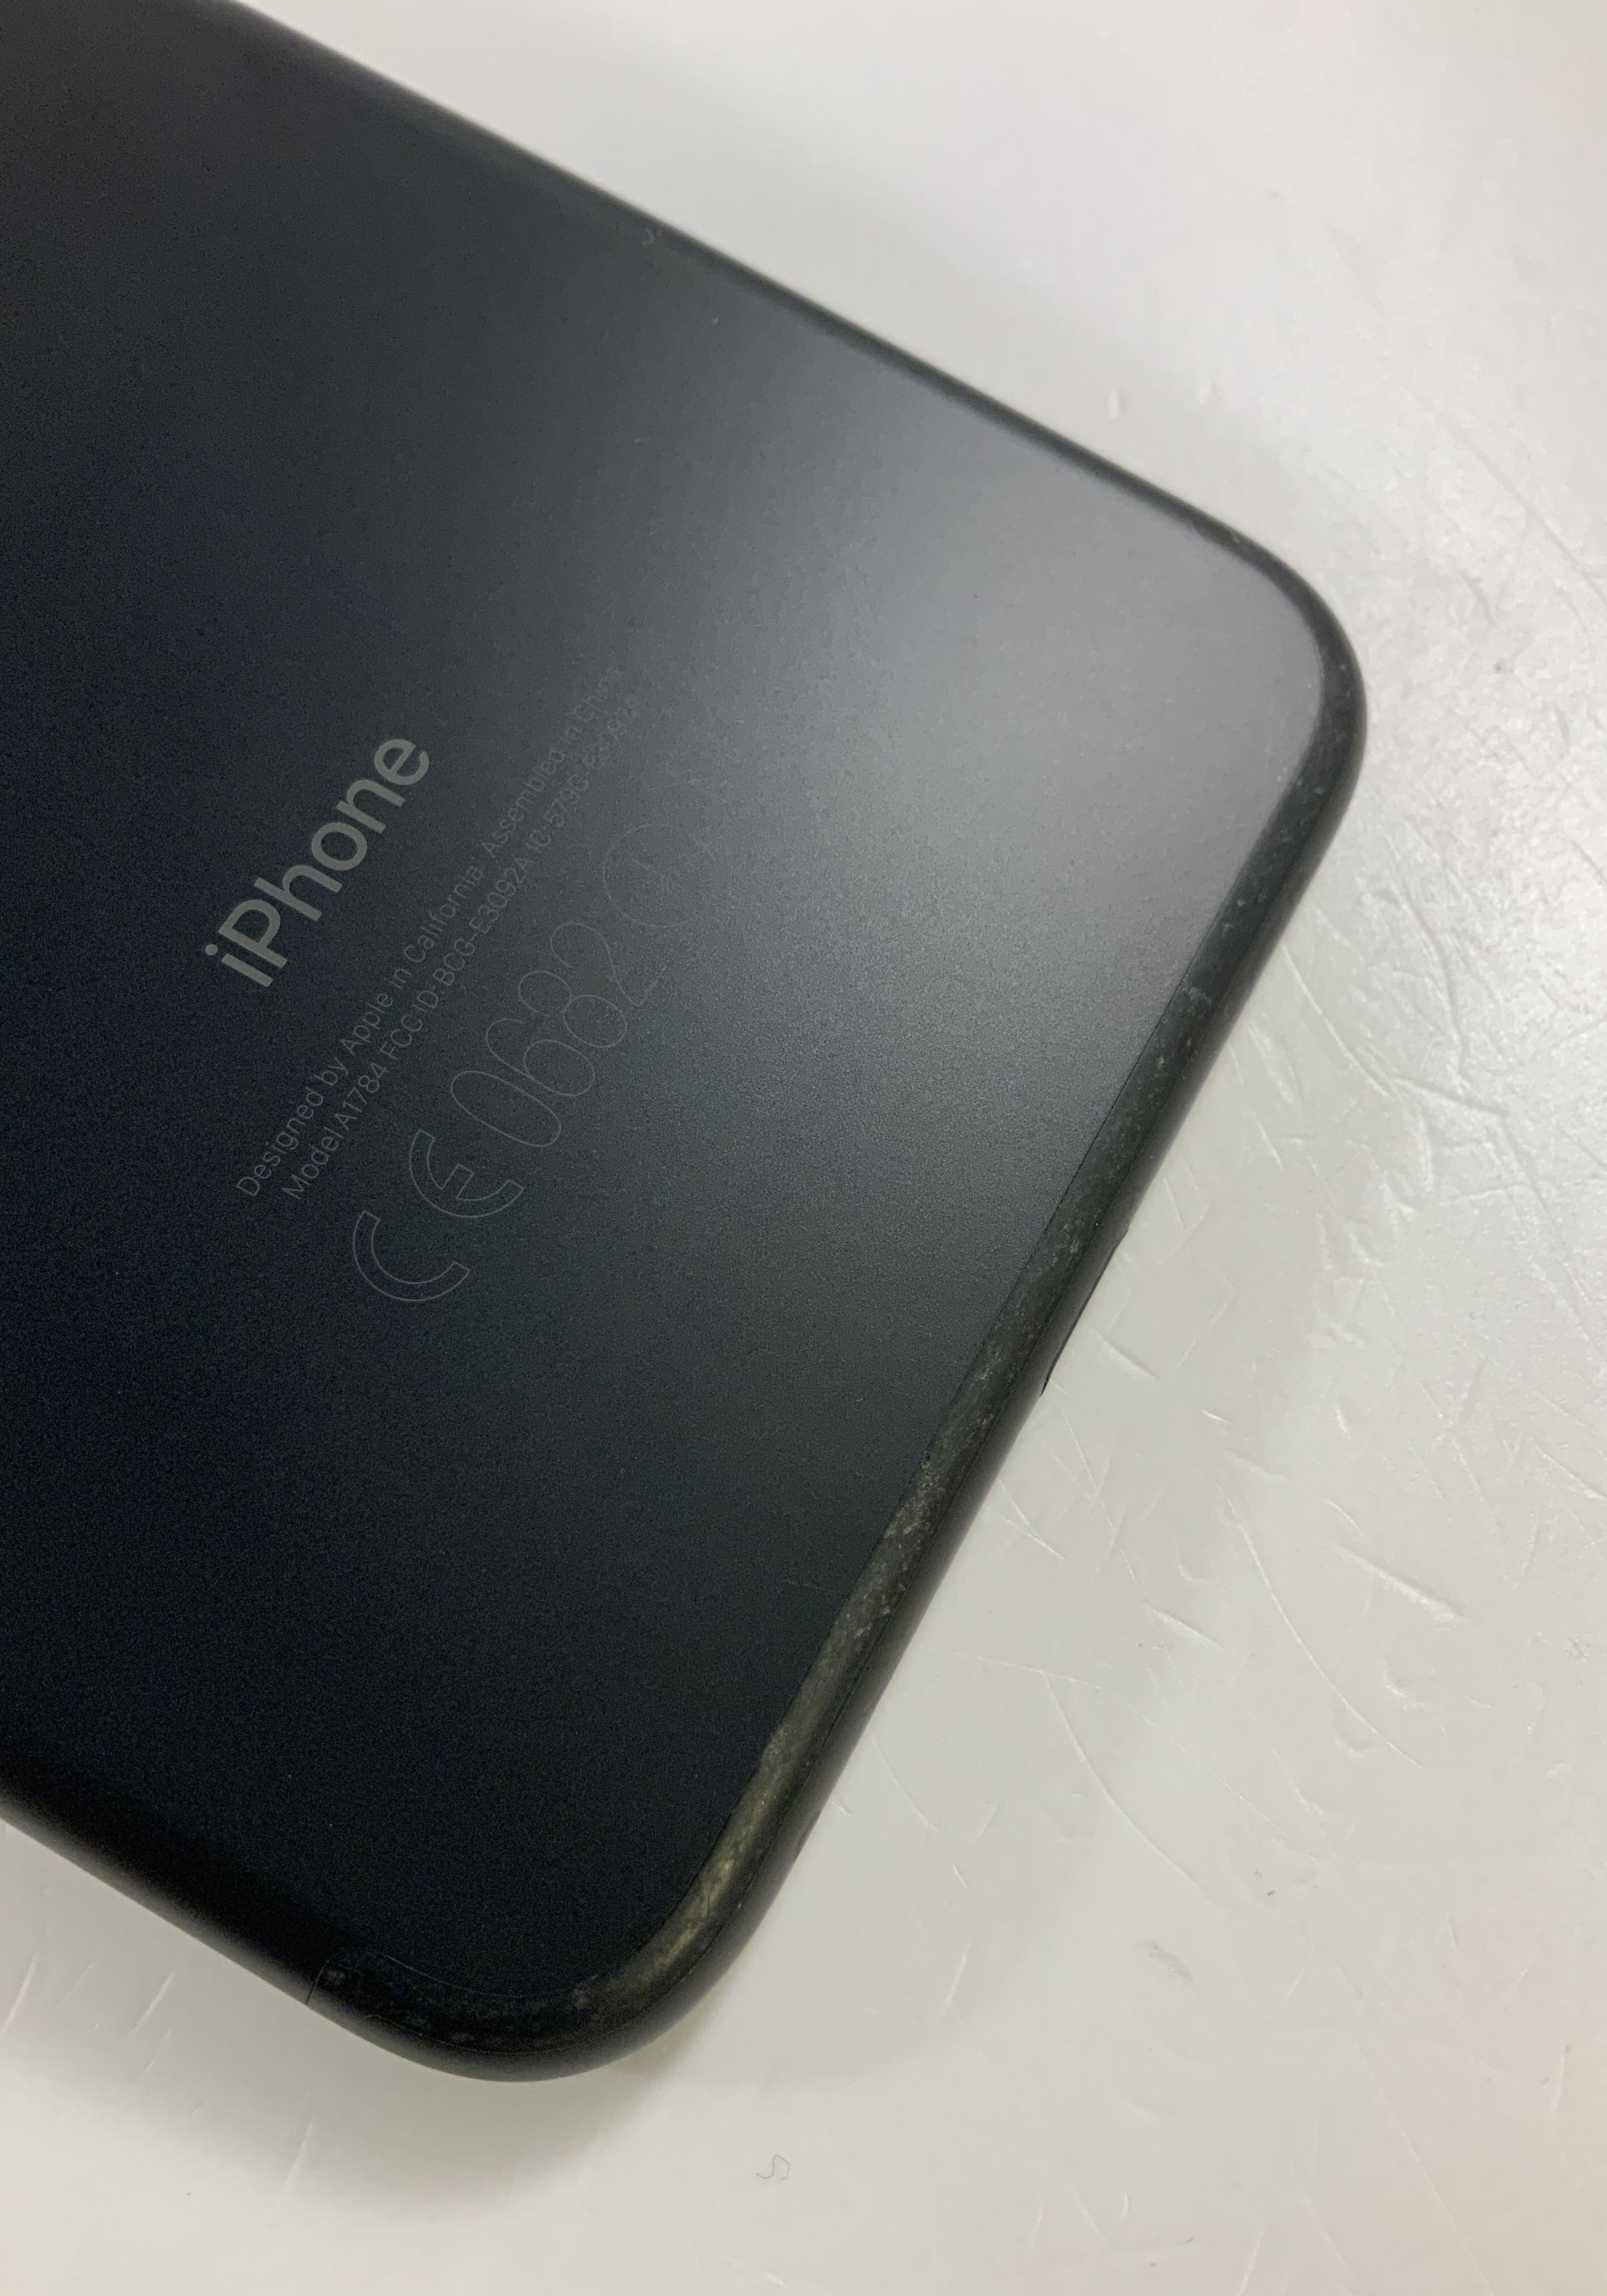 iPhone 7 Plus 256GB, 256GB, Black, imagen 5